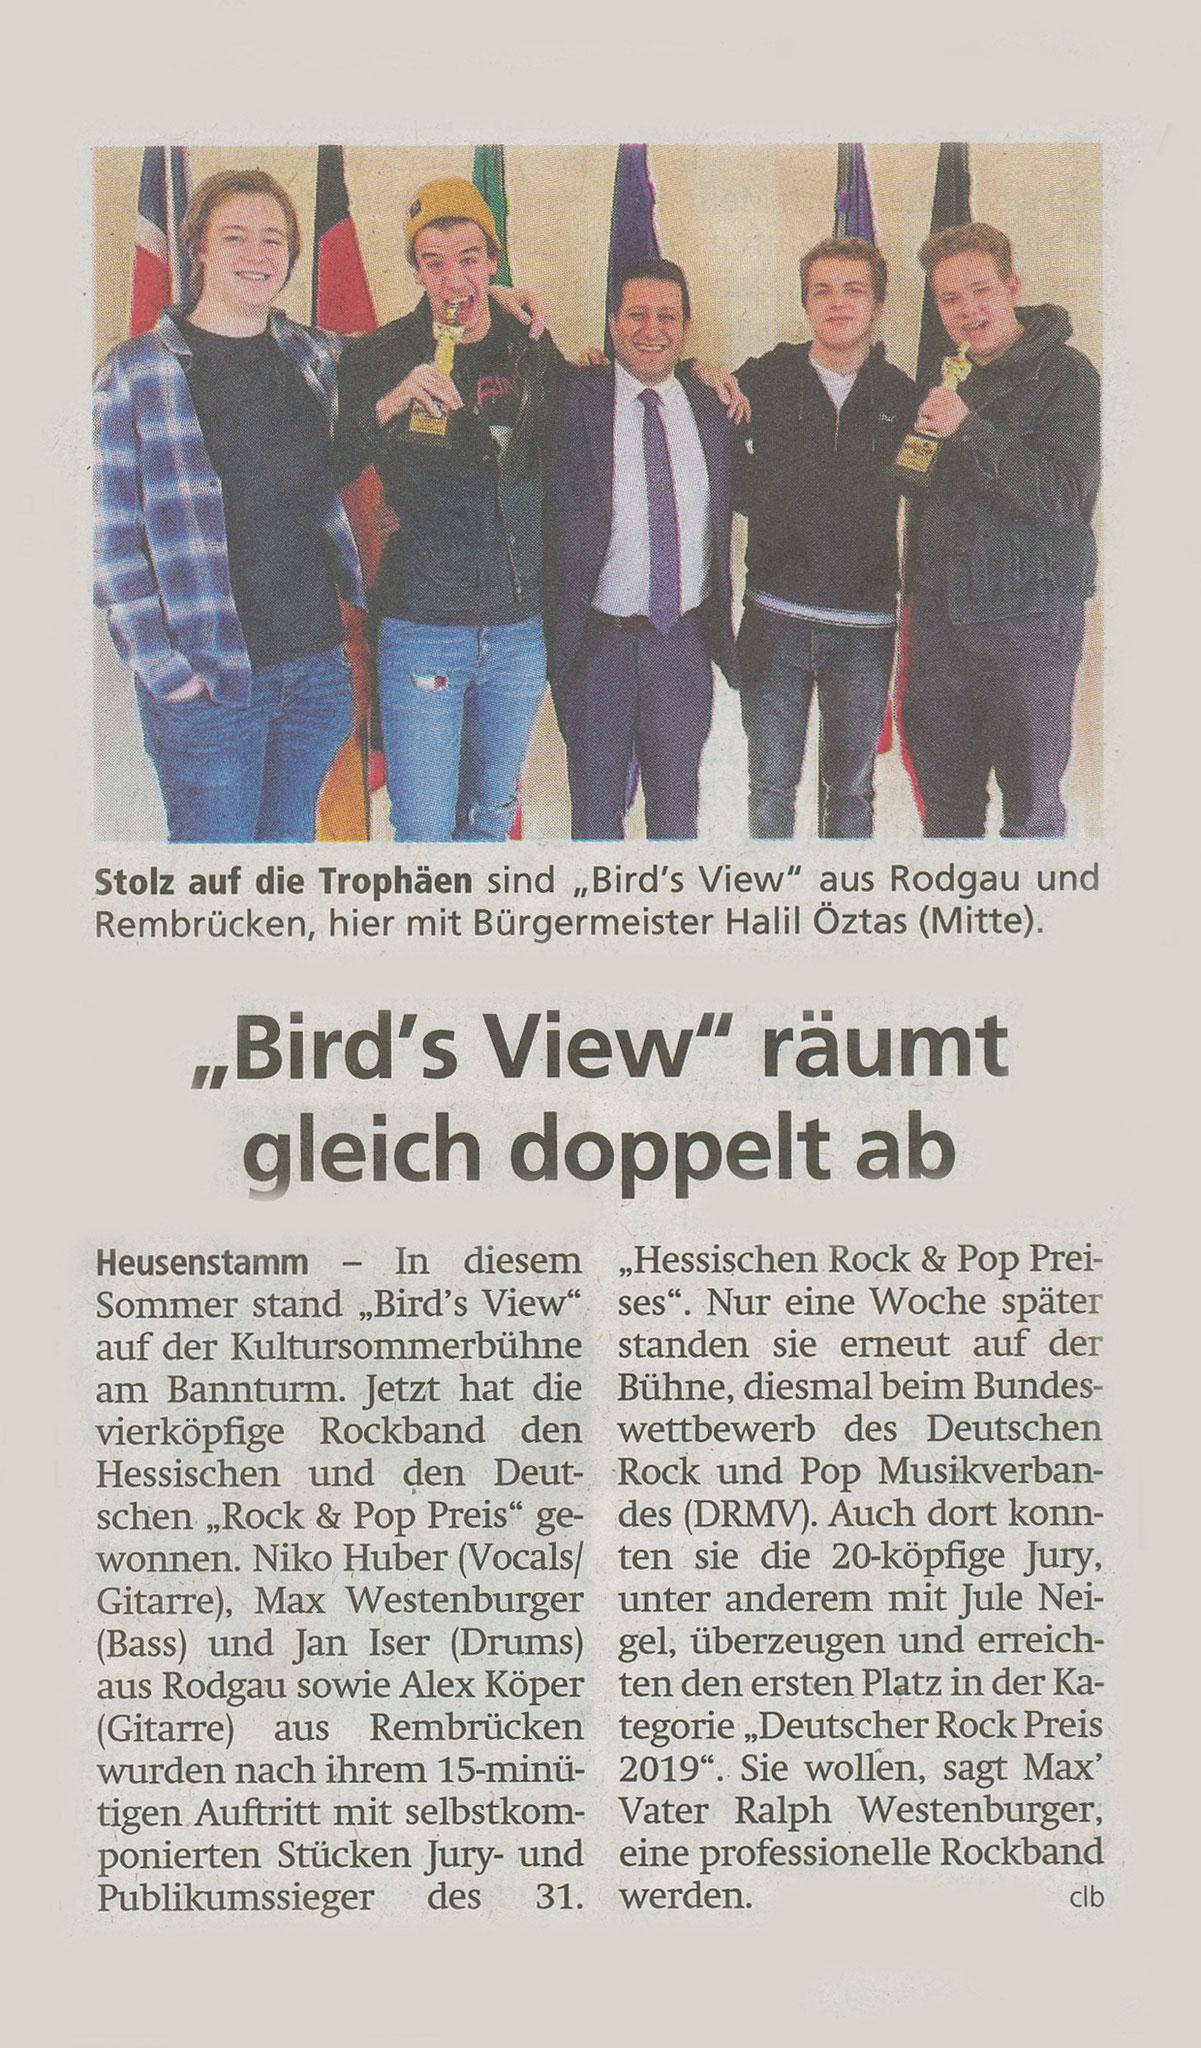 Offenbach Post, 21. Dezember 2019